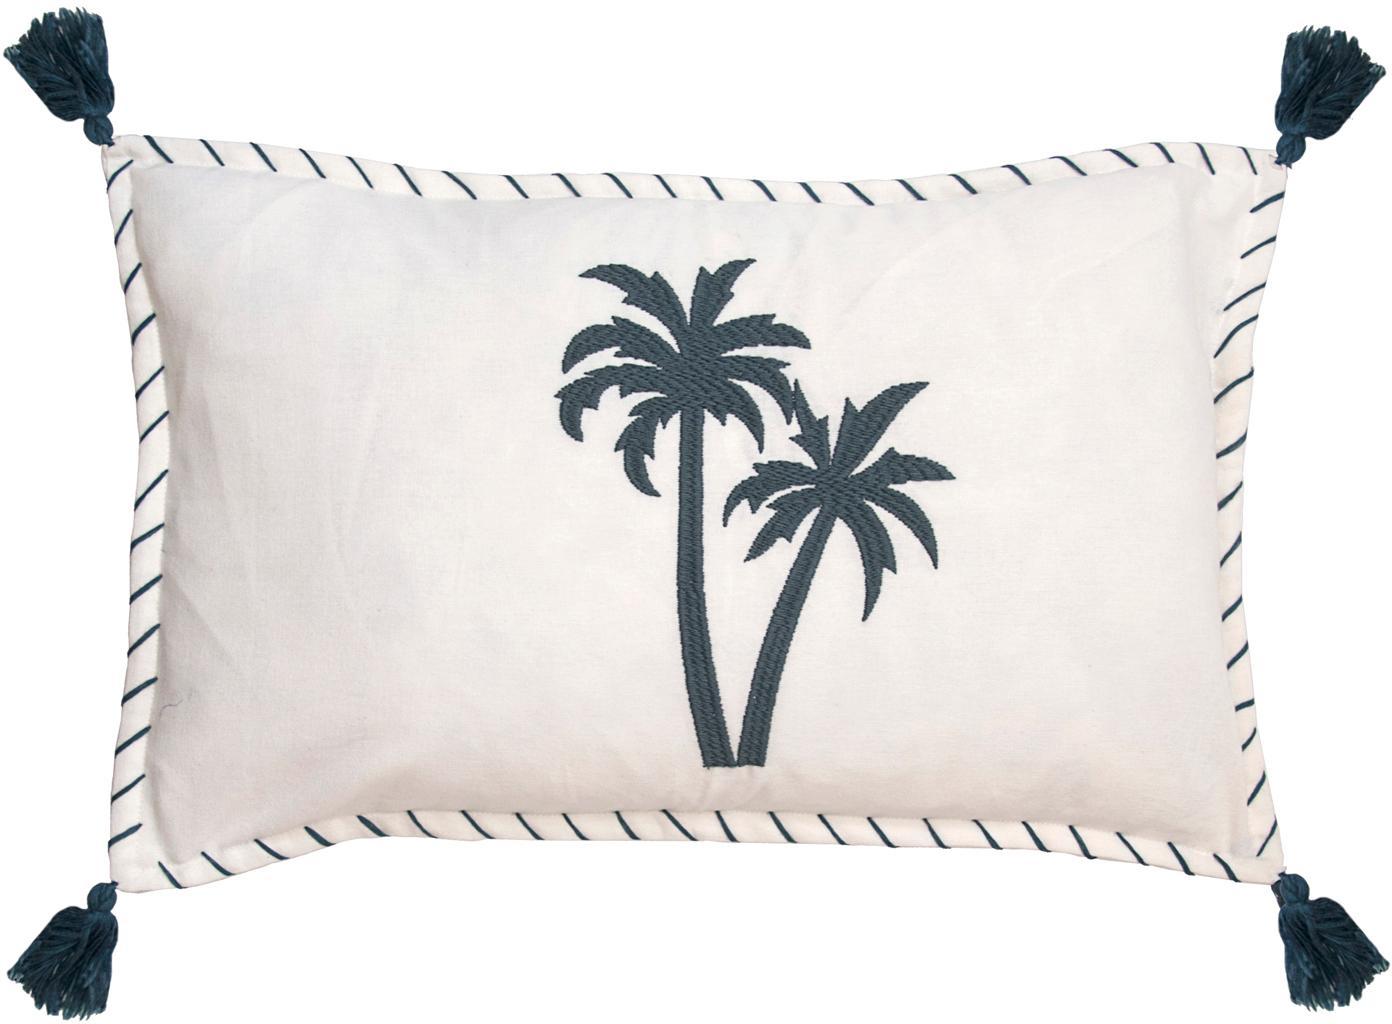 Kussenhoes Bali met palmen borduurwerk en kwastjes, 100% katoen, Wit, marineblauw, 30 x 50 cm